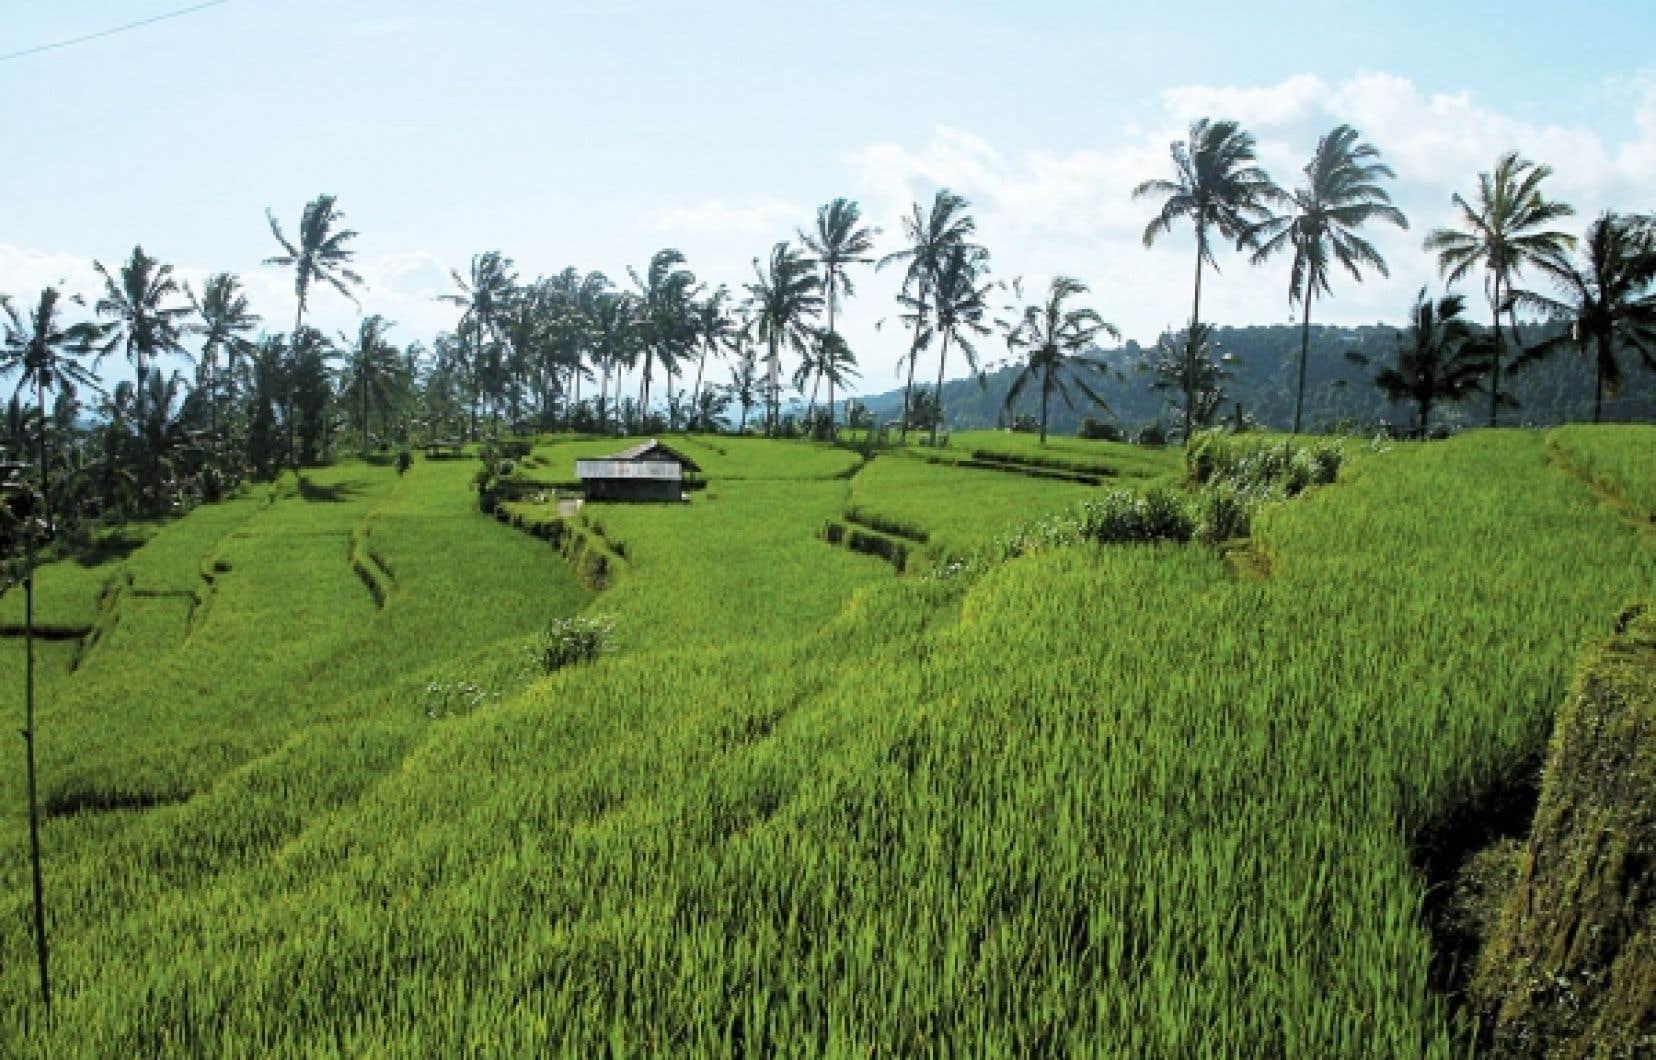 <div> Les sentiers de randonnée sont nombreux autour de Munduk. Certains permettent de passer au milieu des rizières.</div>